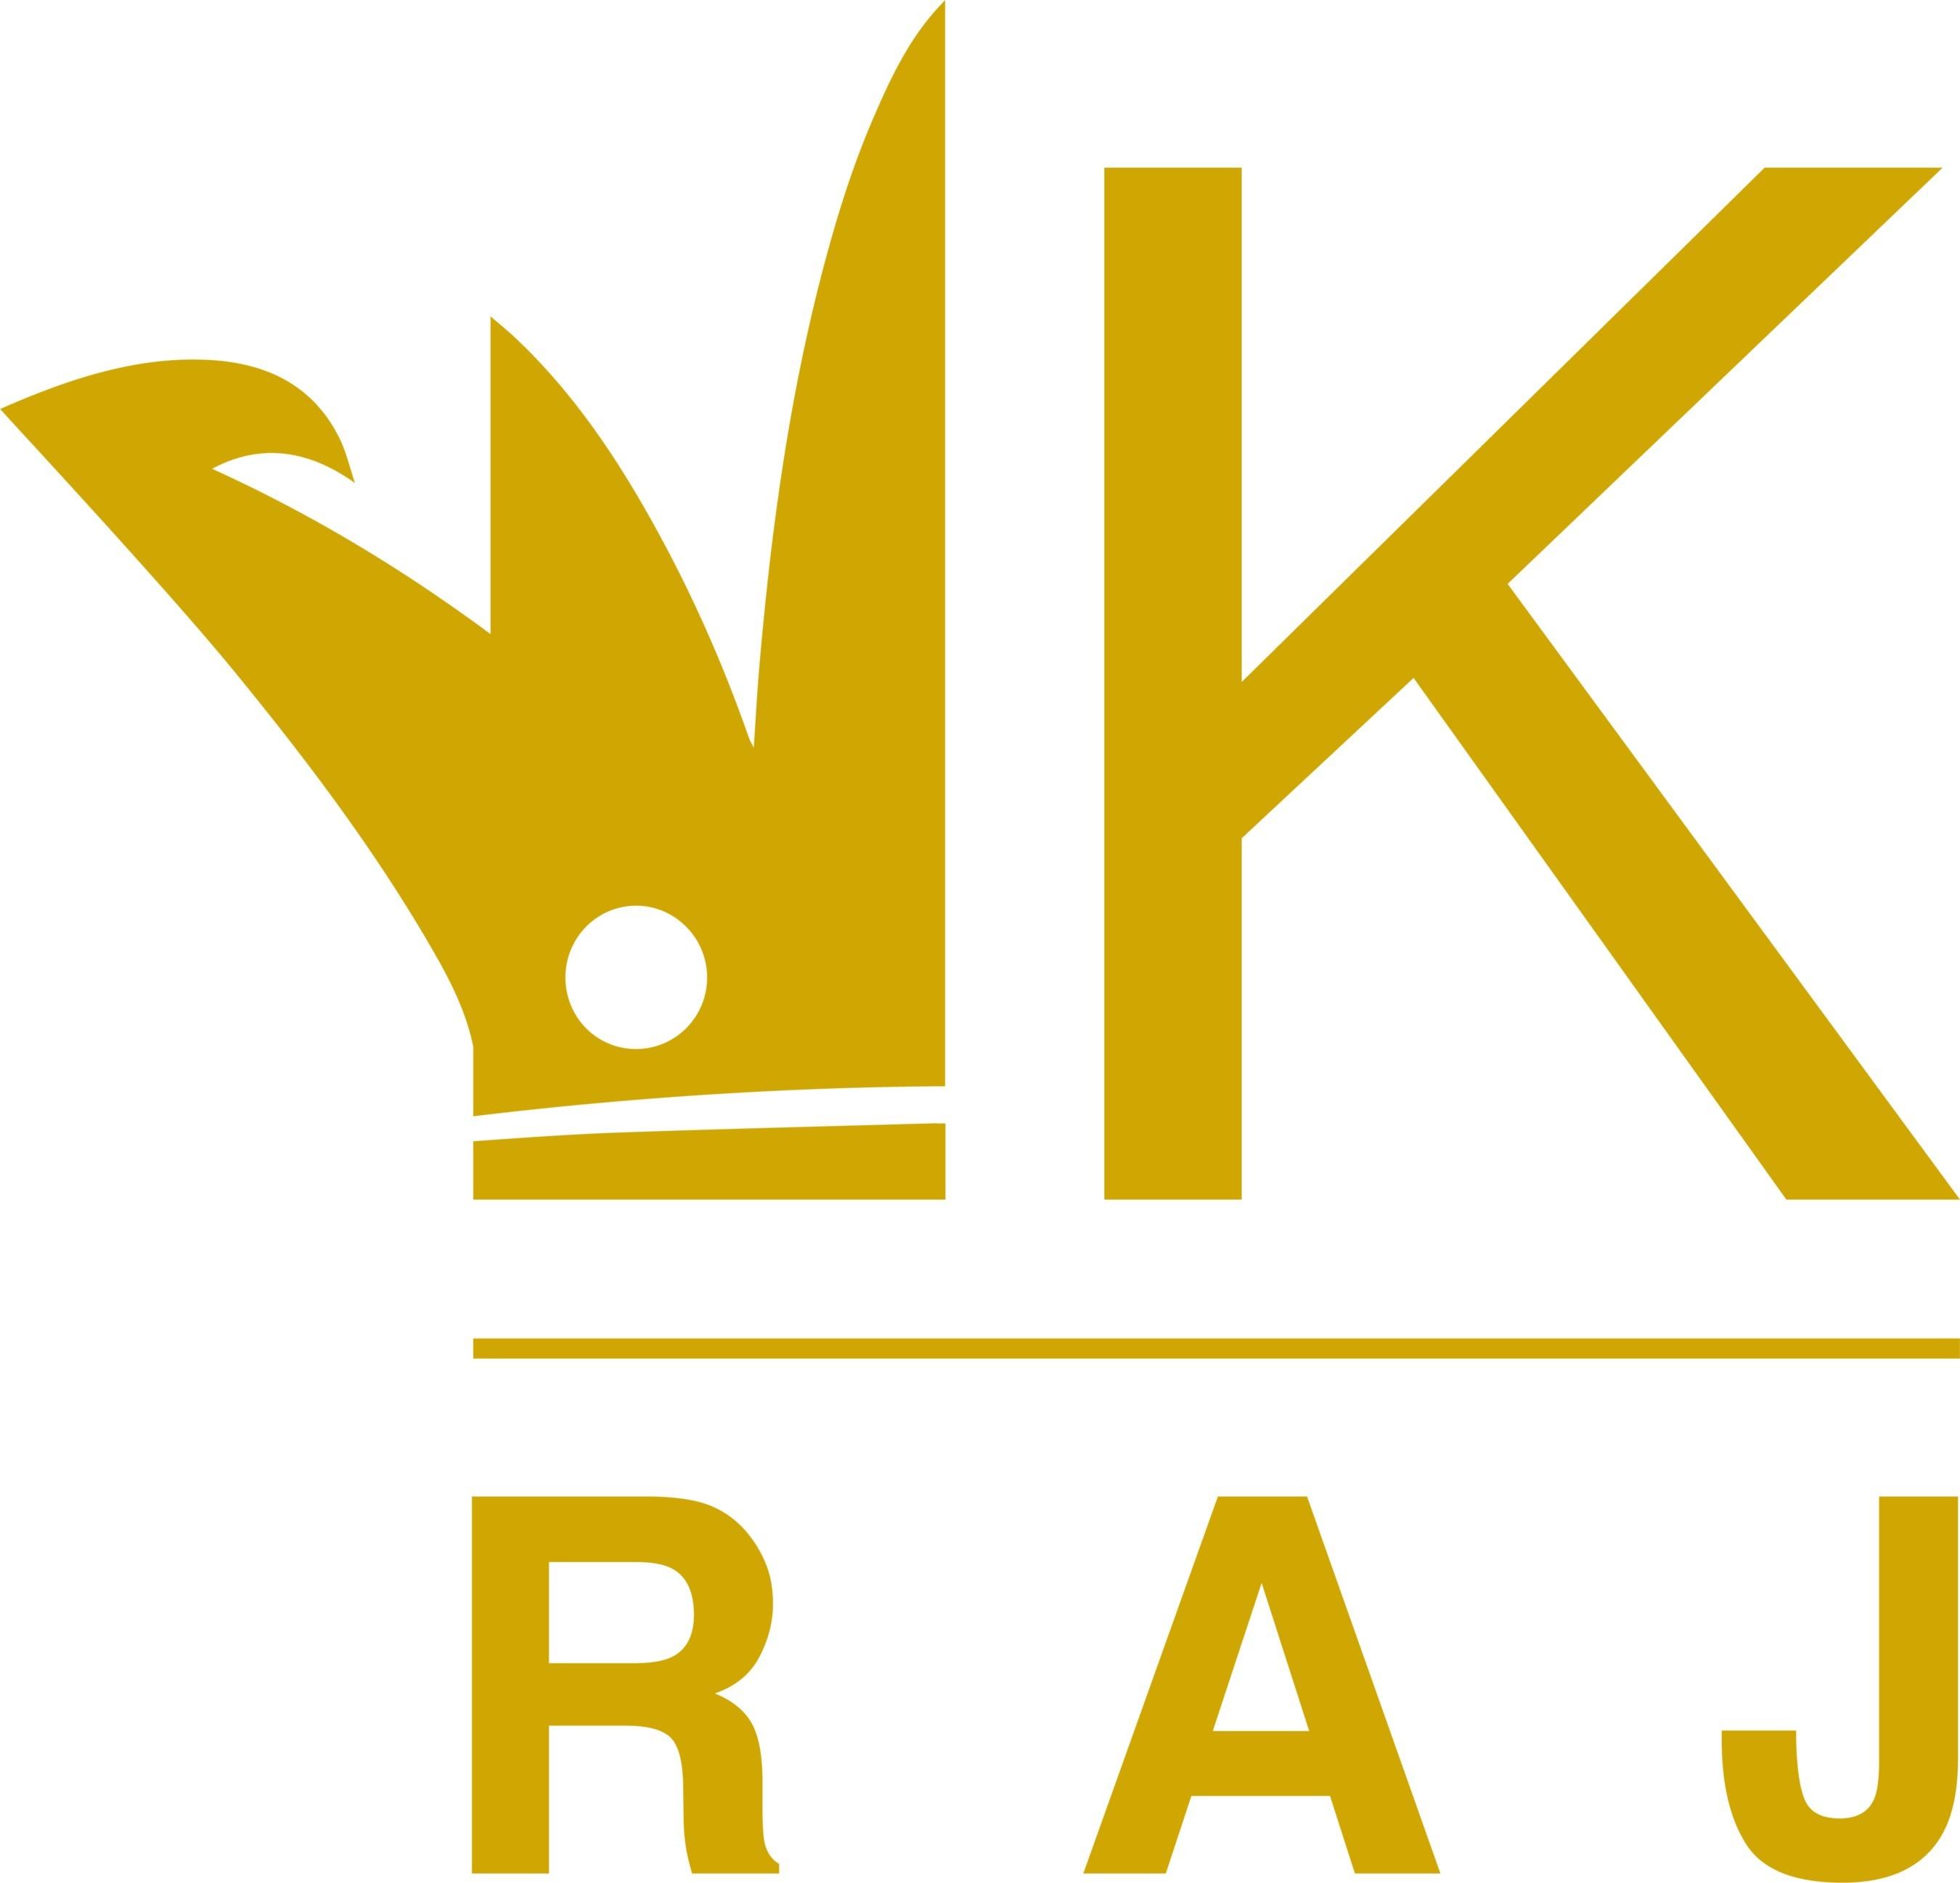 Follow King Raj Singh online at http://www.kingraj360.com (PRNewsfoto/King Royalty)